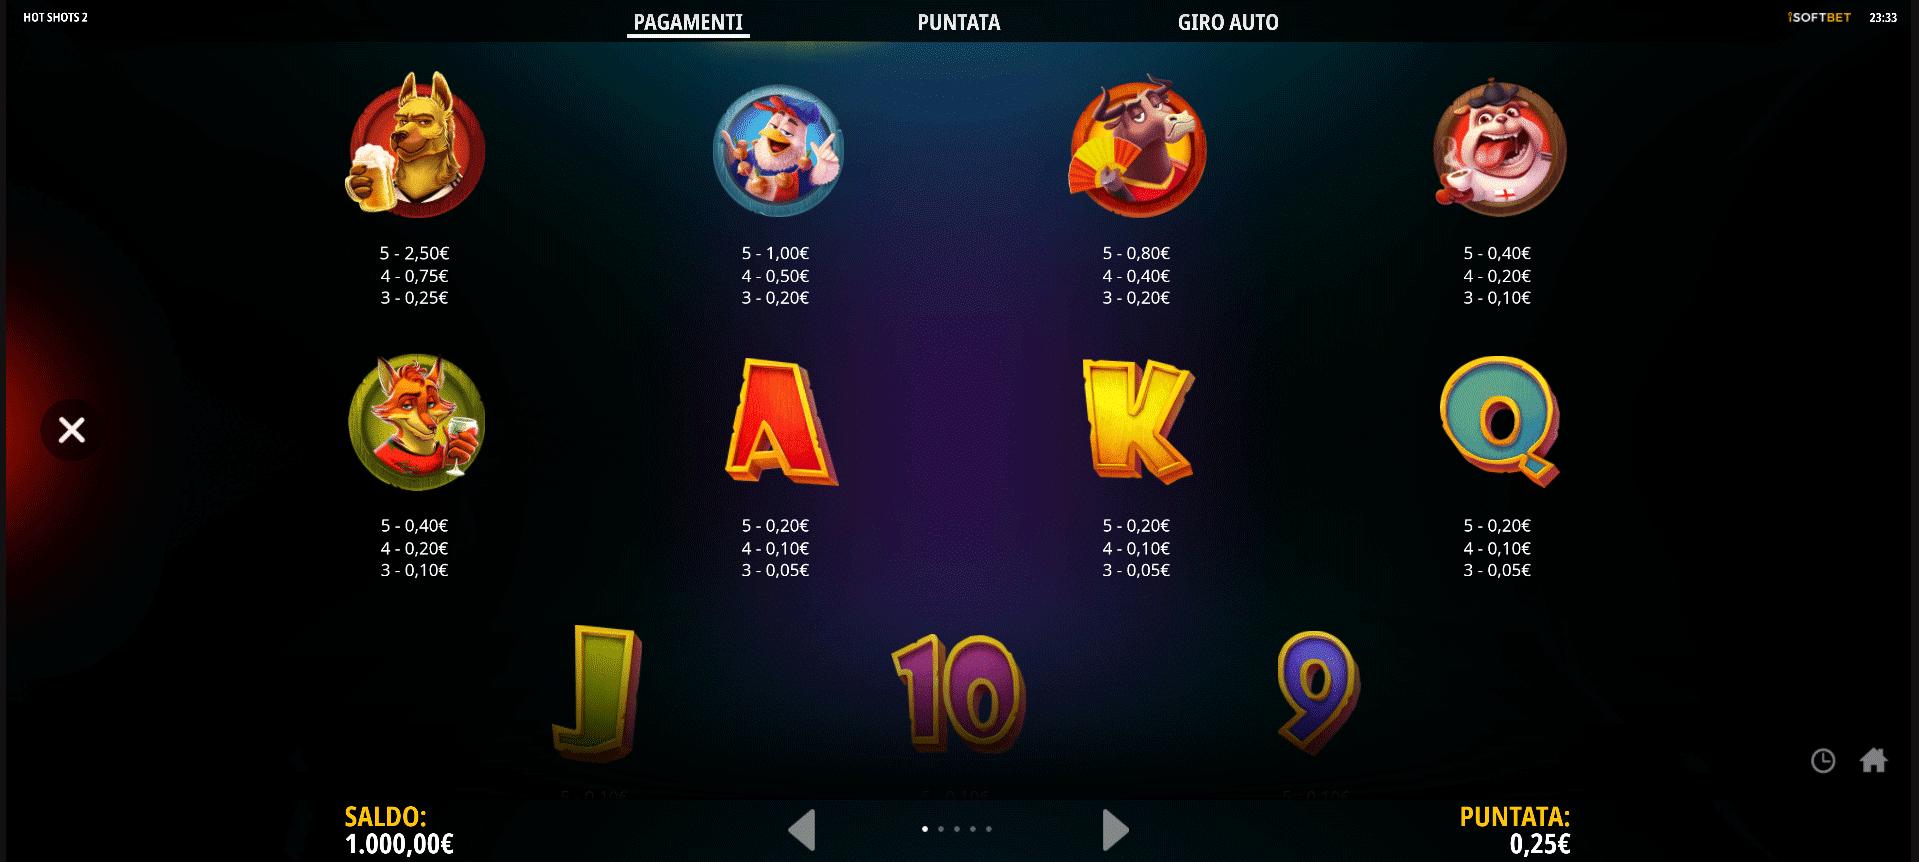 tabella dei pagamenti della slot machine hot shots 2